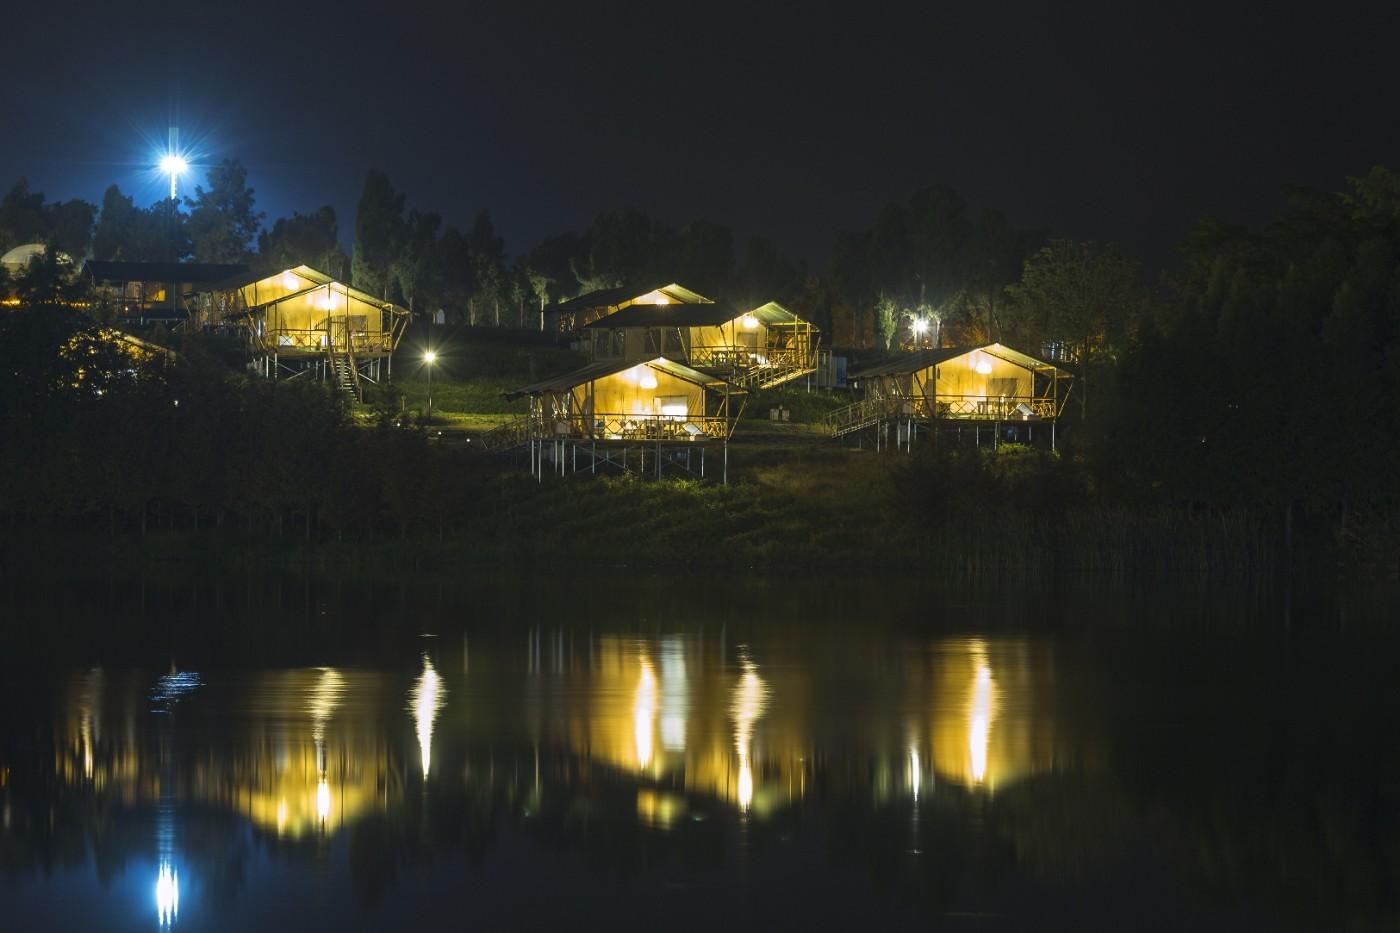 喜马拉雅野奢帐篷酒店—宝盛园夜色17